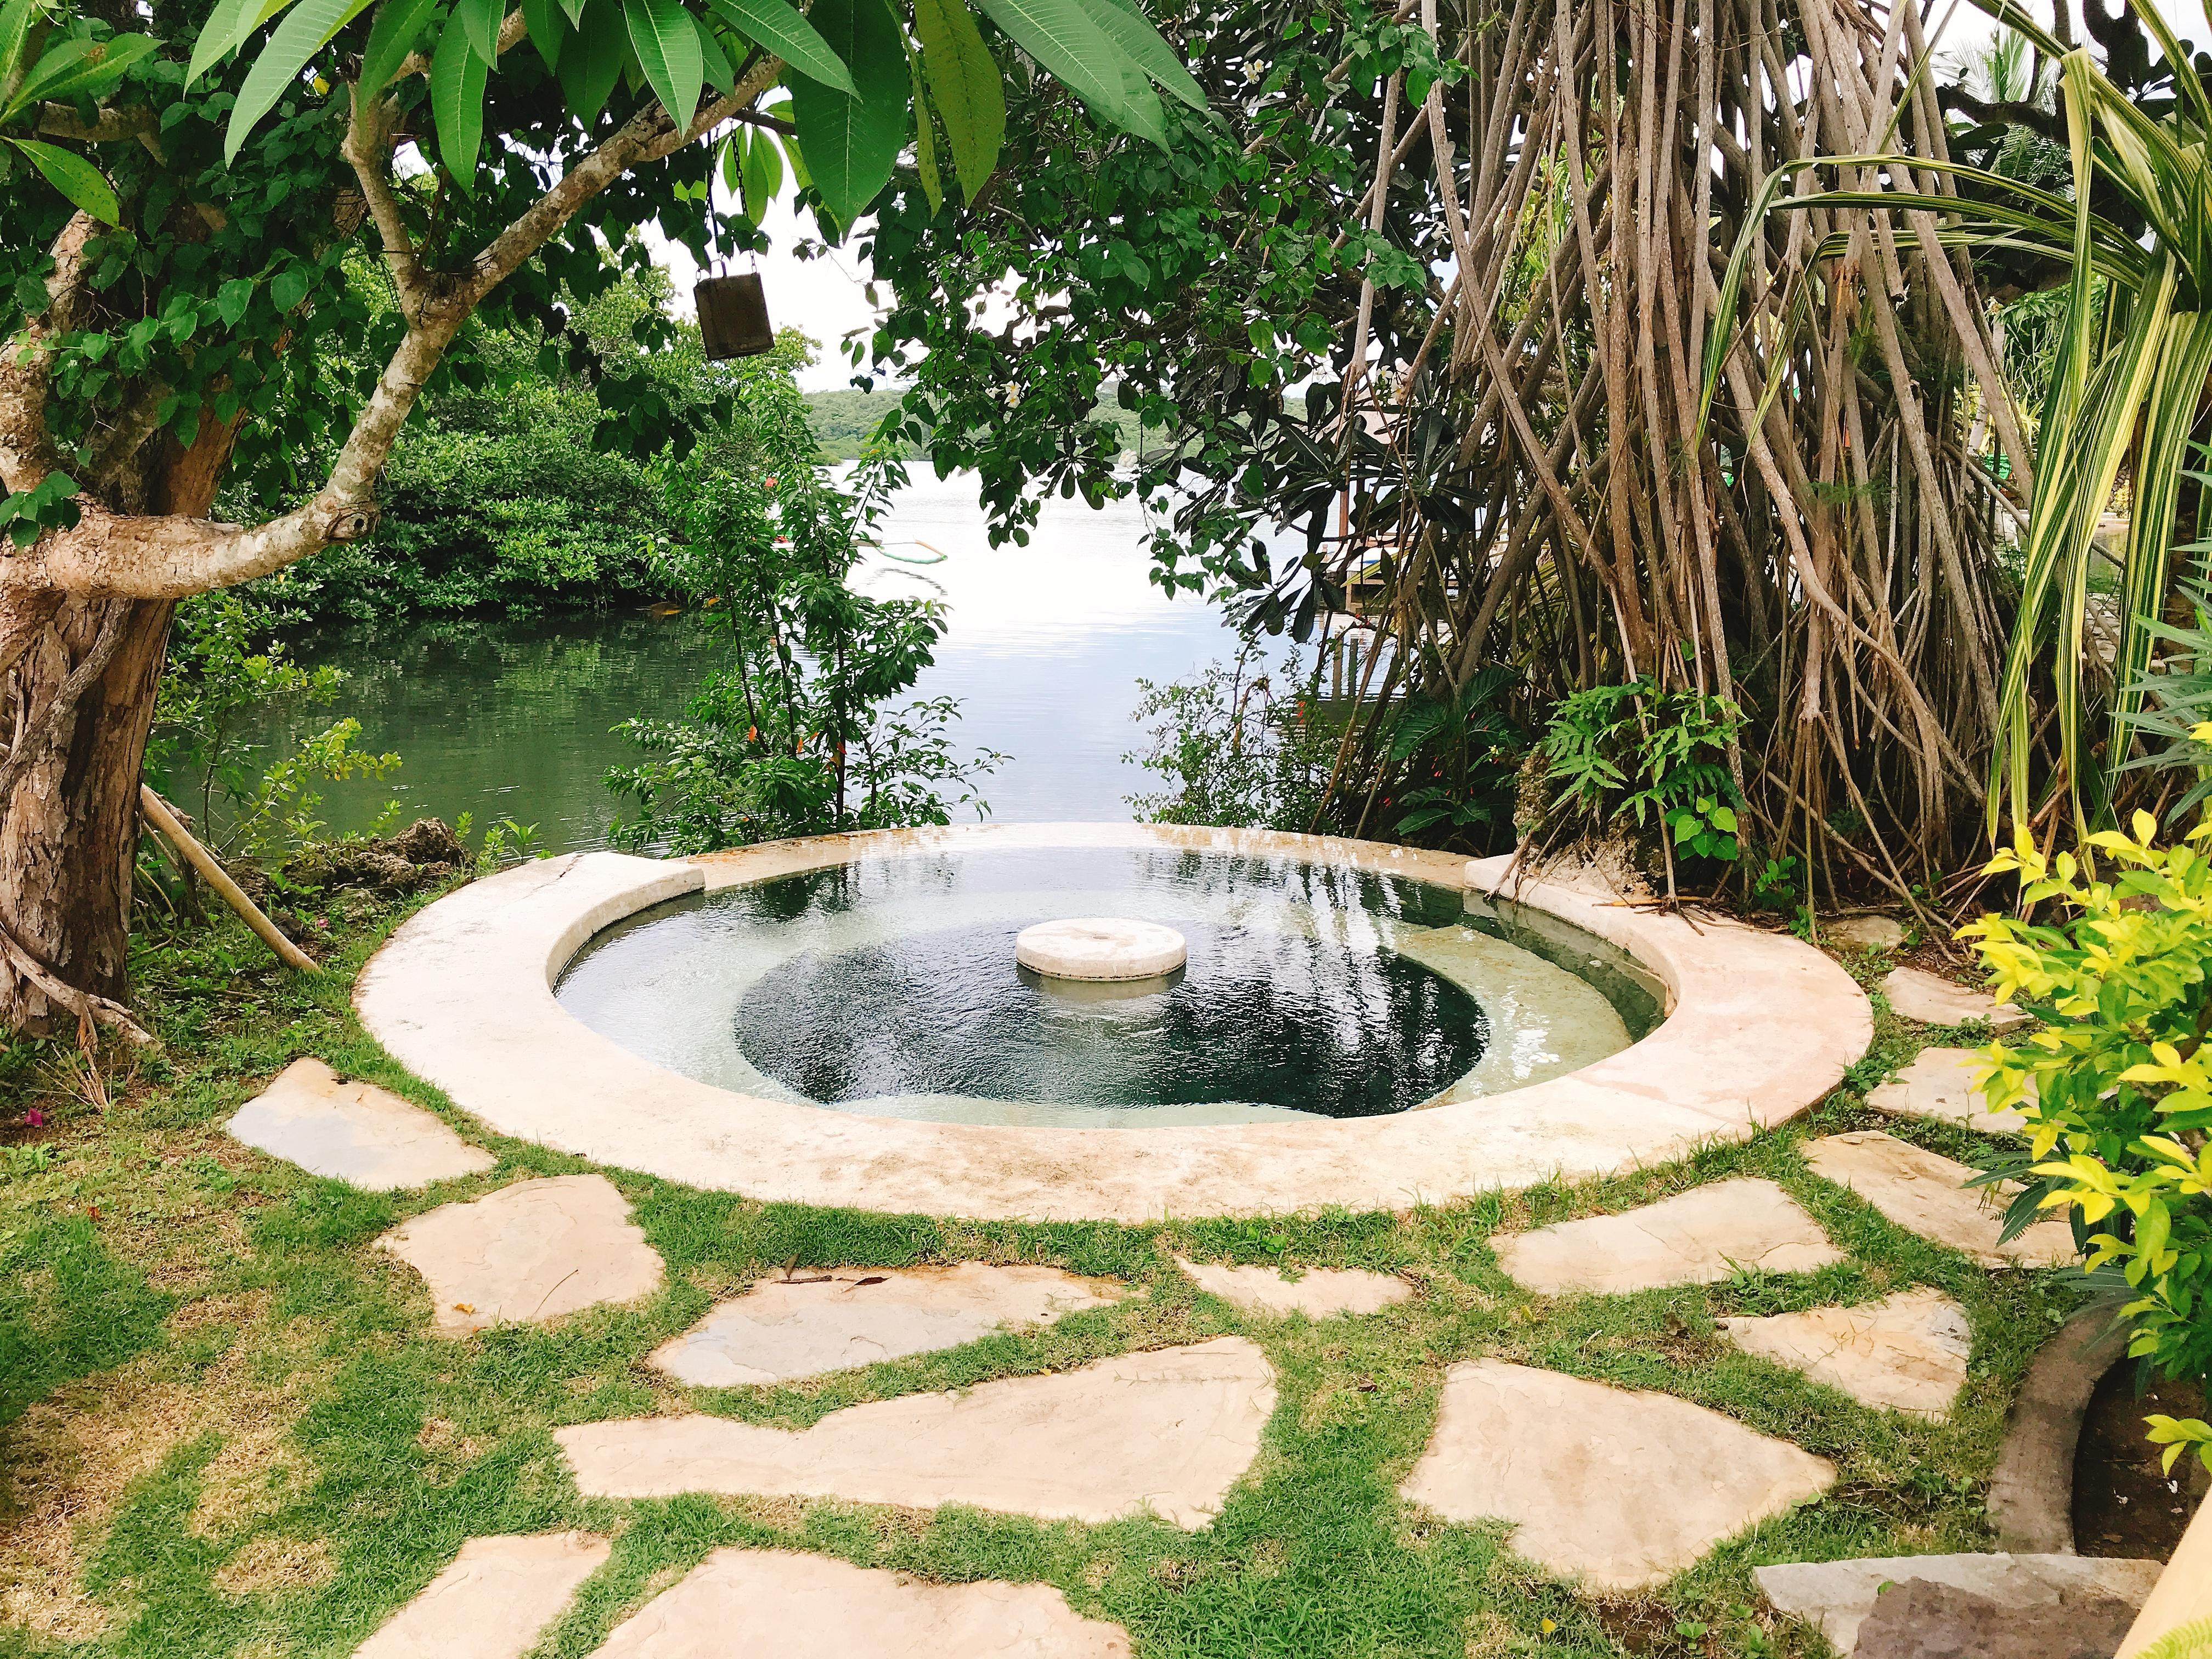 Mimpi Resort Menjangan【ミンピリゾート】